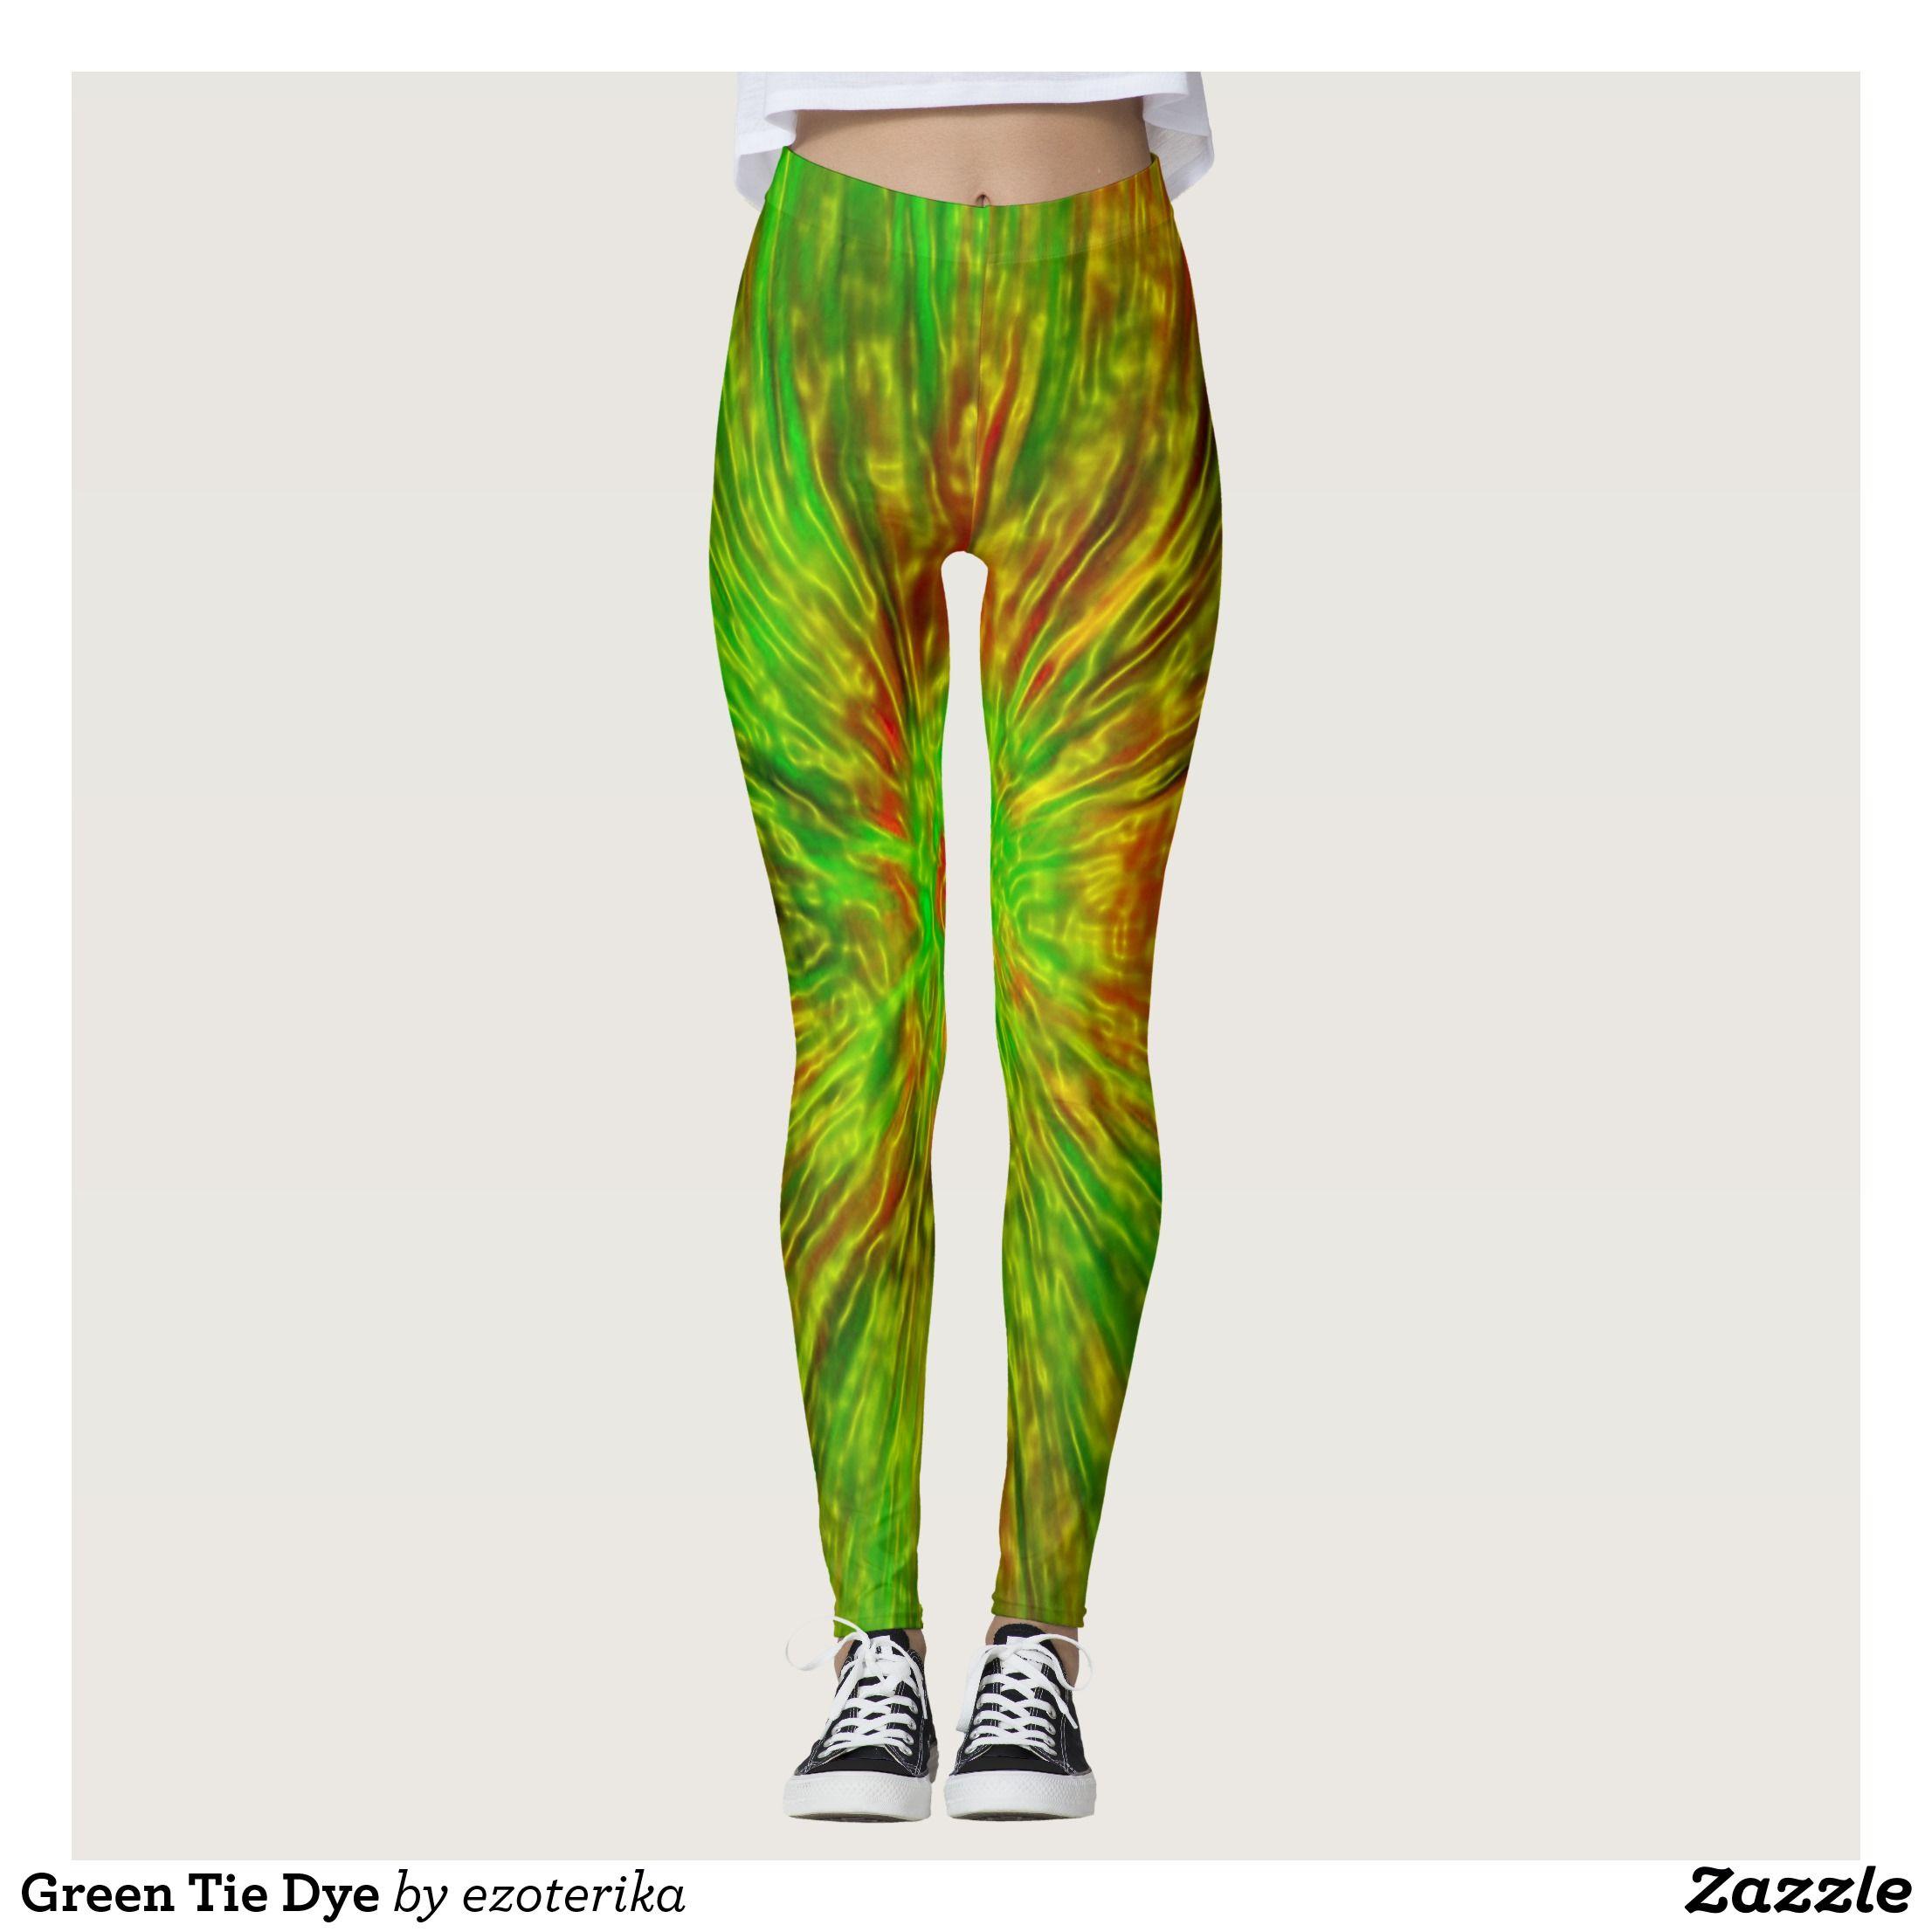 White Leggings with Yellow Women/'s Long Tie Dye Leggings Black and Green Tie Dye CottonSpandex Yoga Pants Pittsburgh Fan Pants